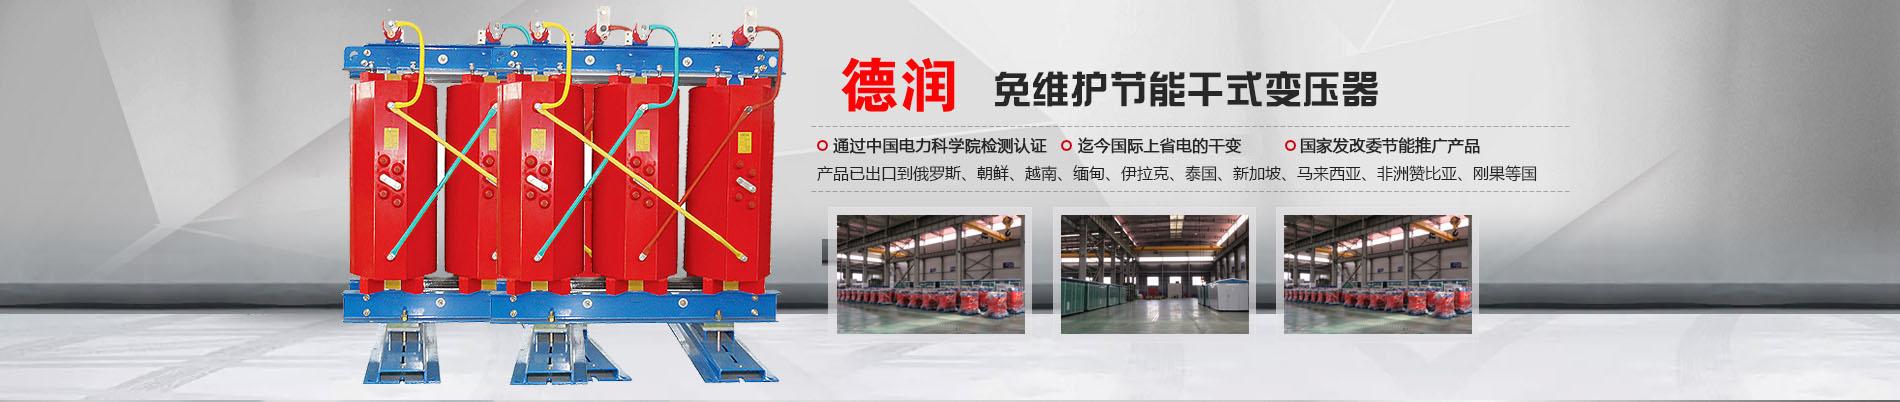 漯河干式变压器厂家